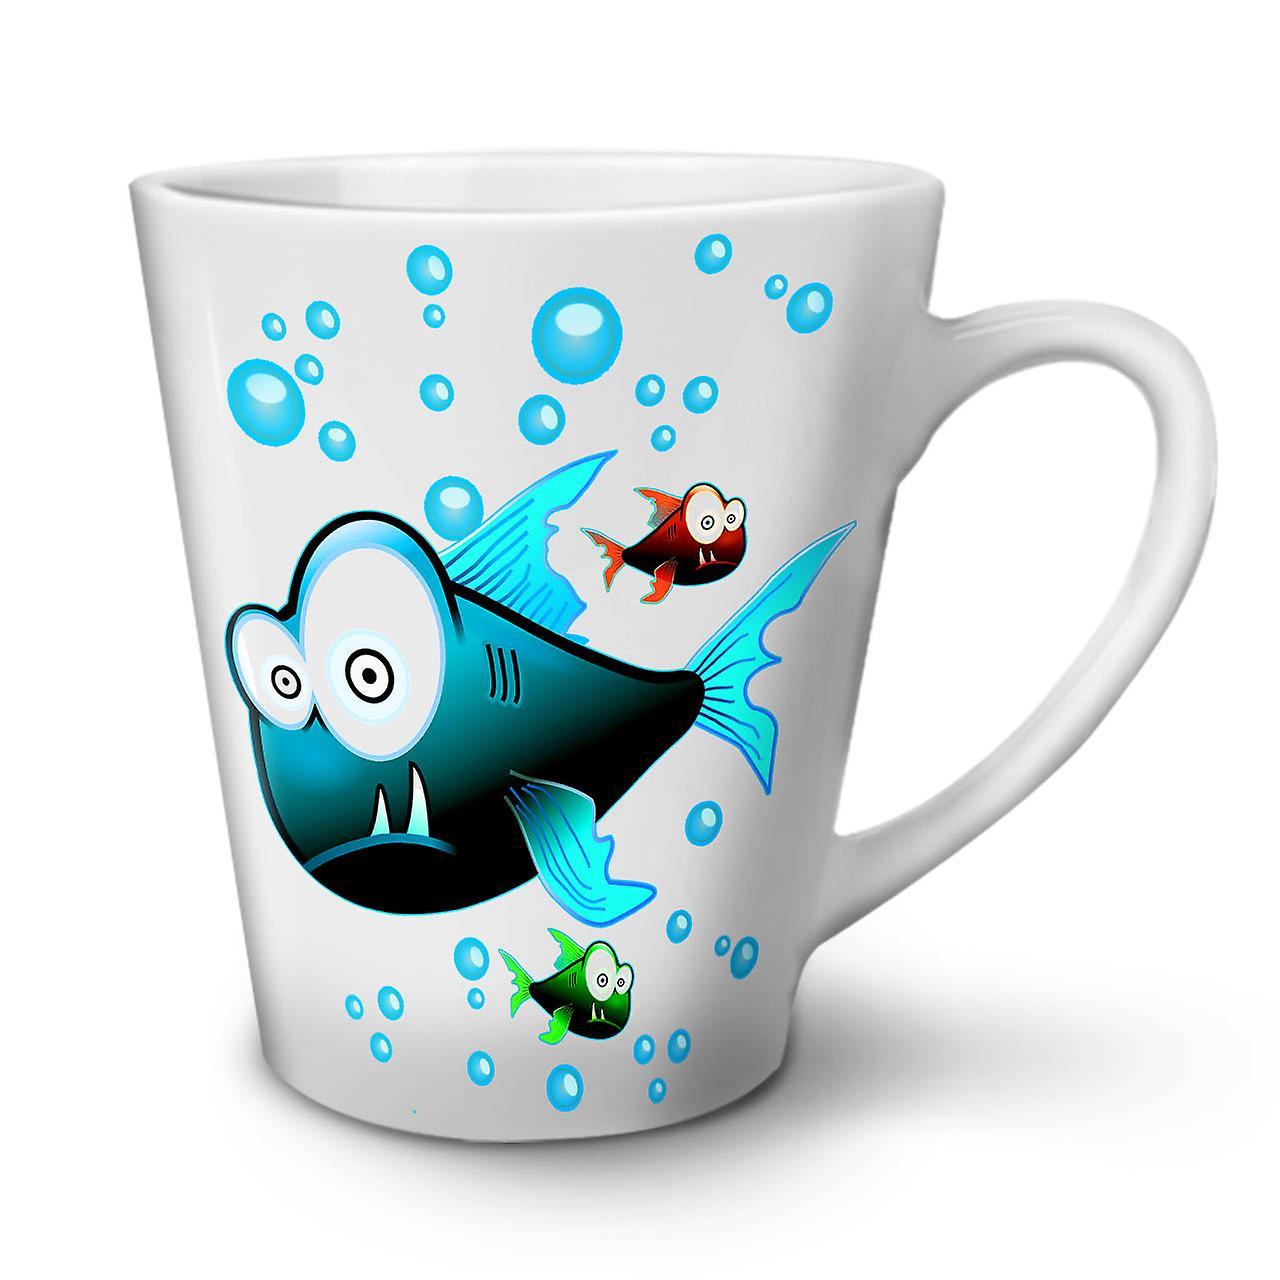 12 Tasse Café En Latte Nouvelle Poisson Céramique Monde L'eau OzWellcoda Blanche tshQrCd